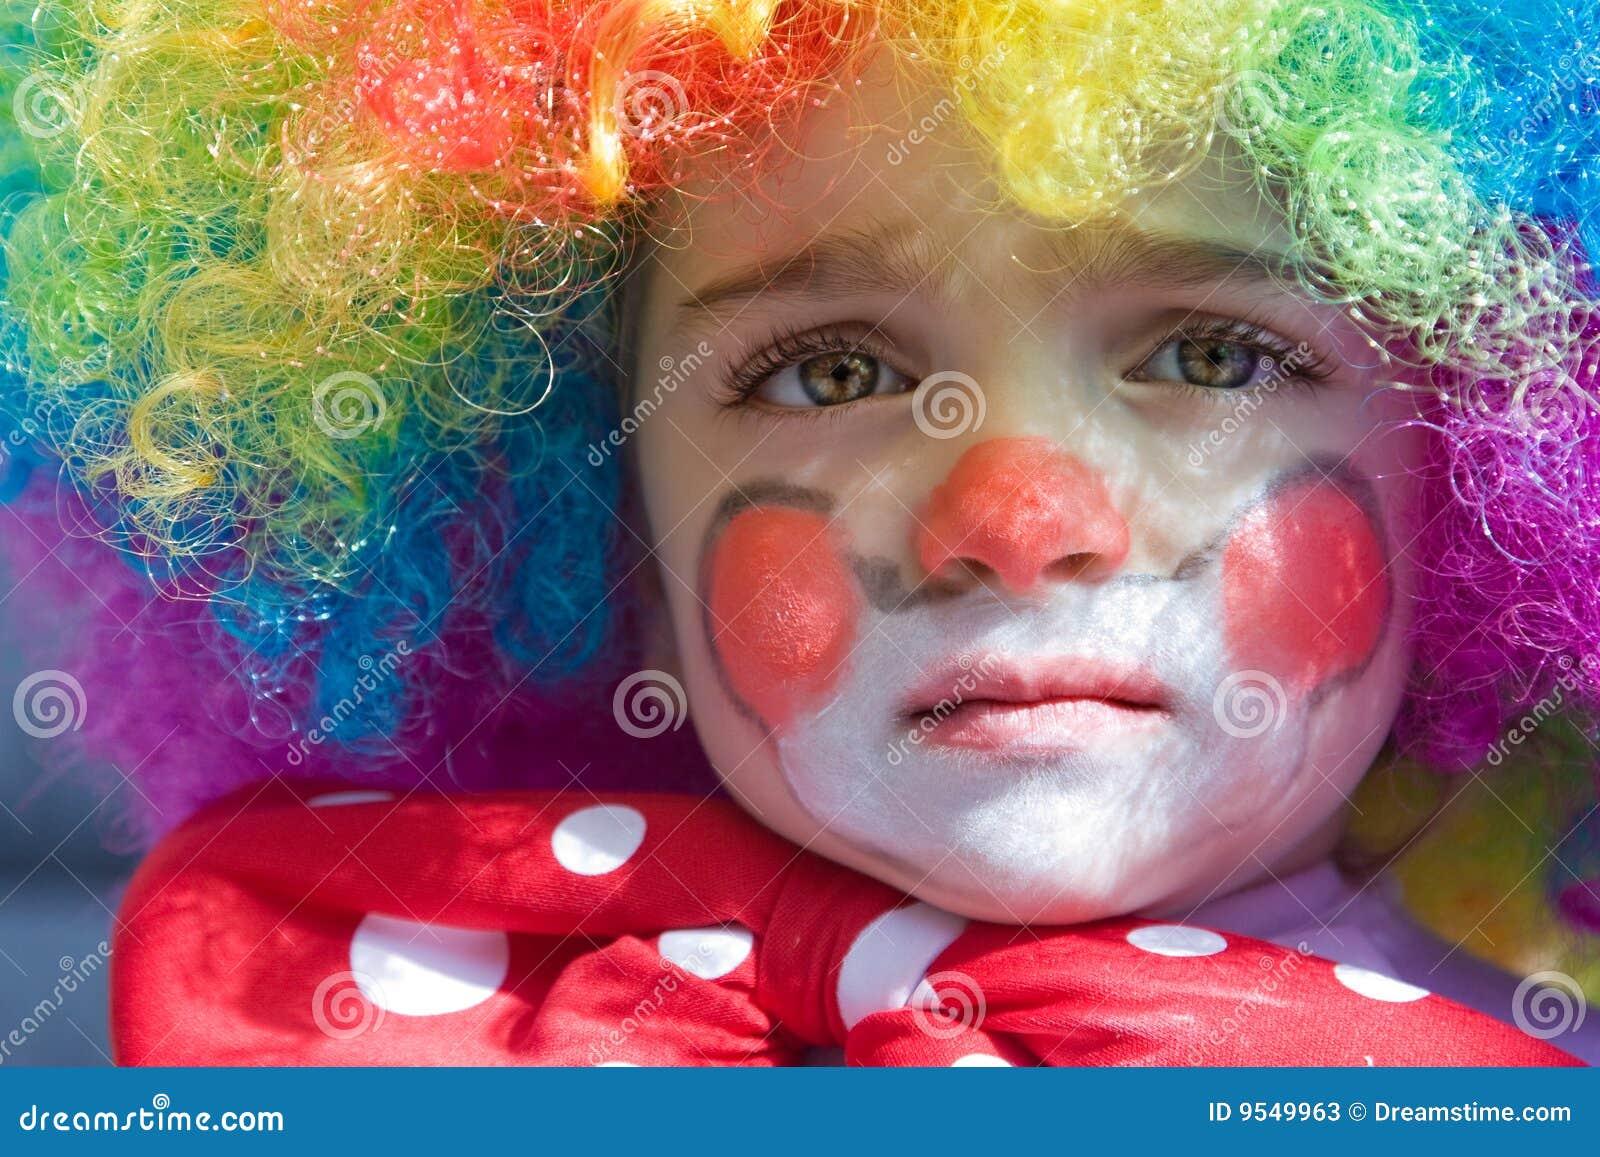 Baby Clown Stock Image Image Of Girl Joking Hair